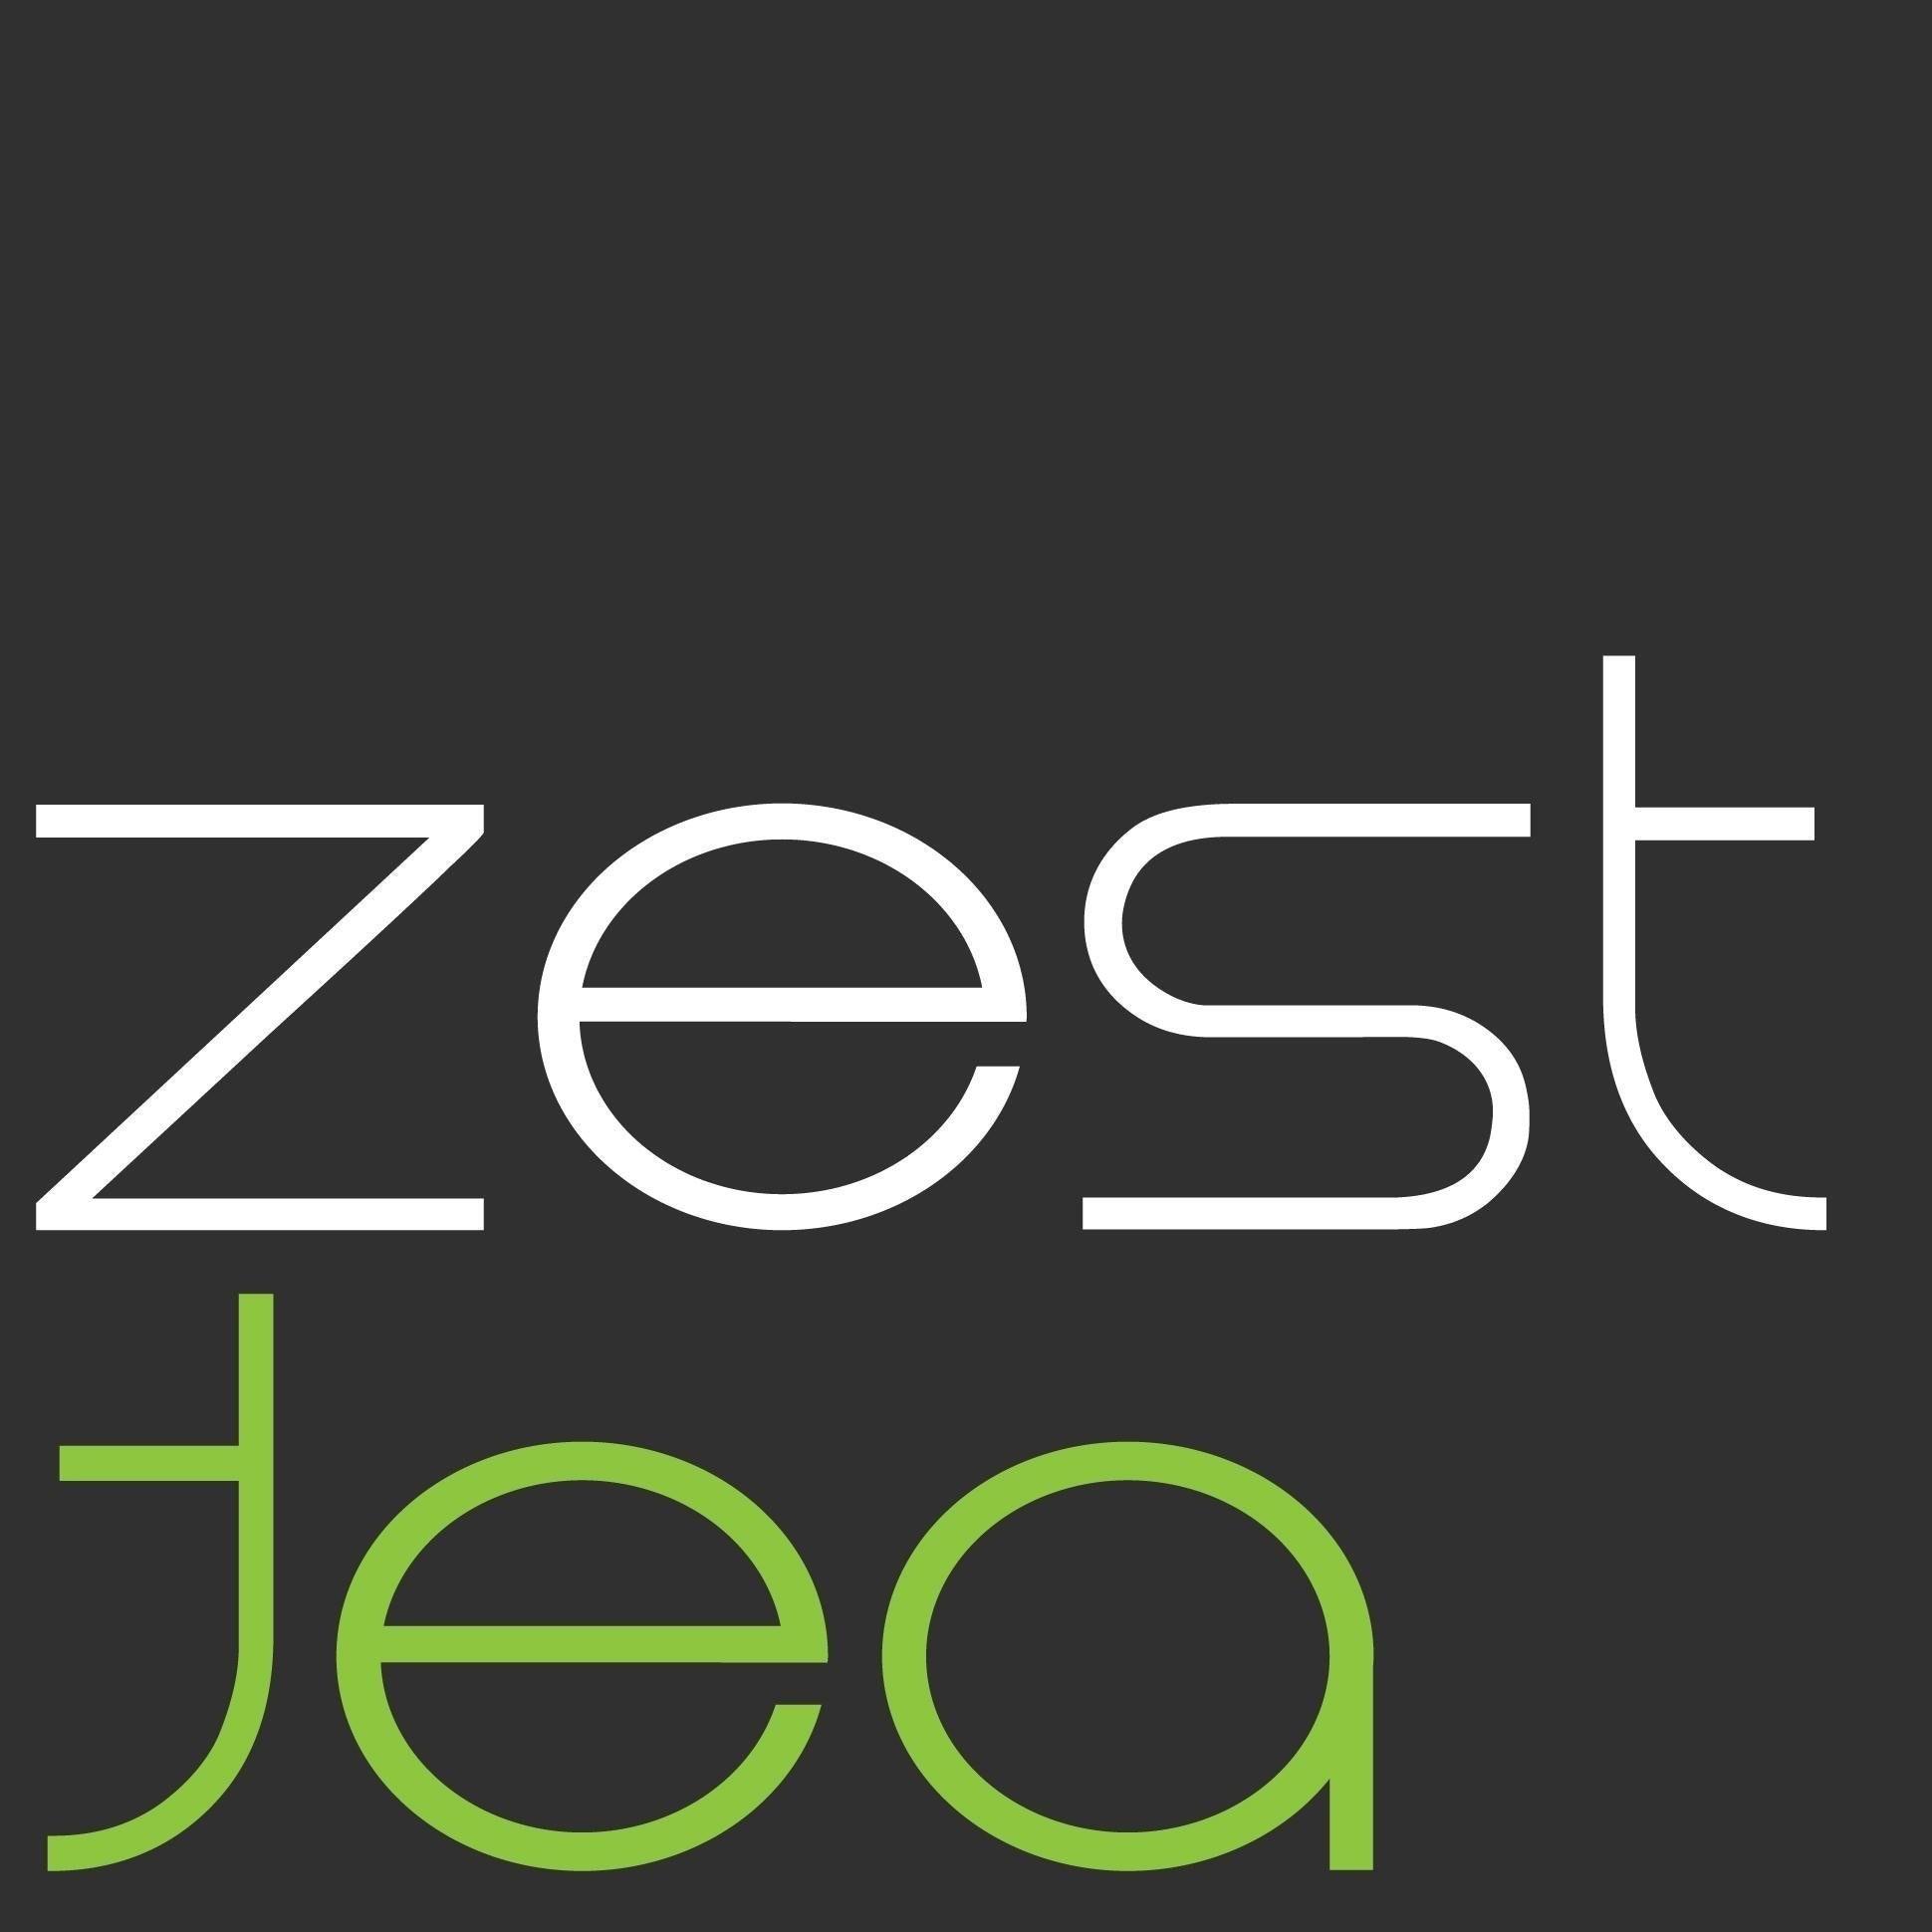 Zest Tea